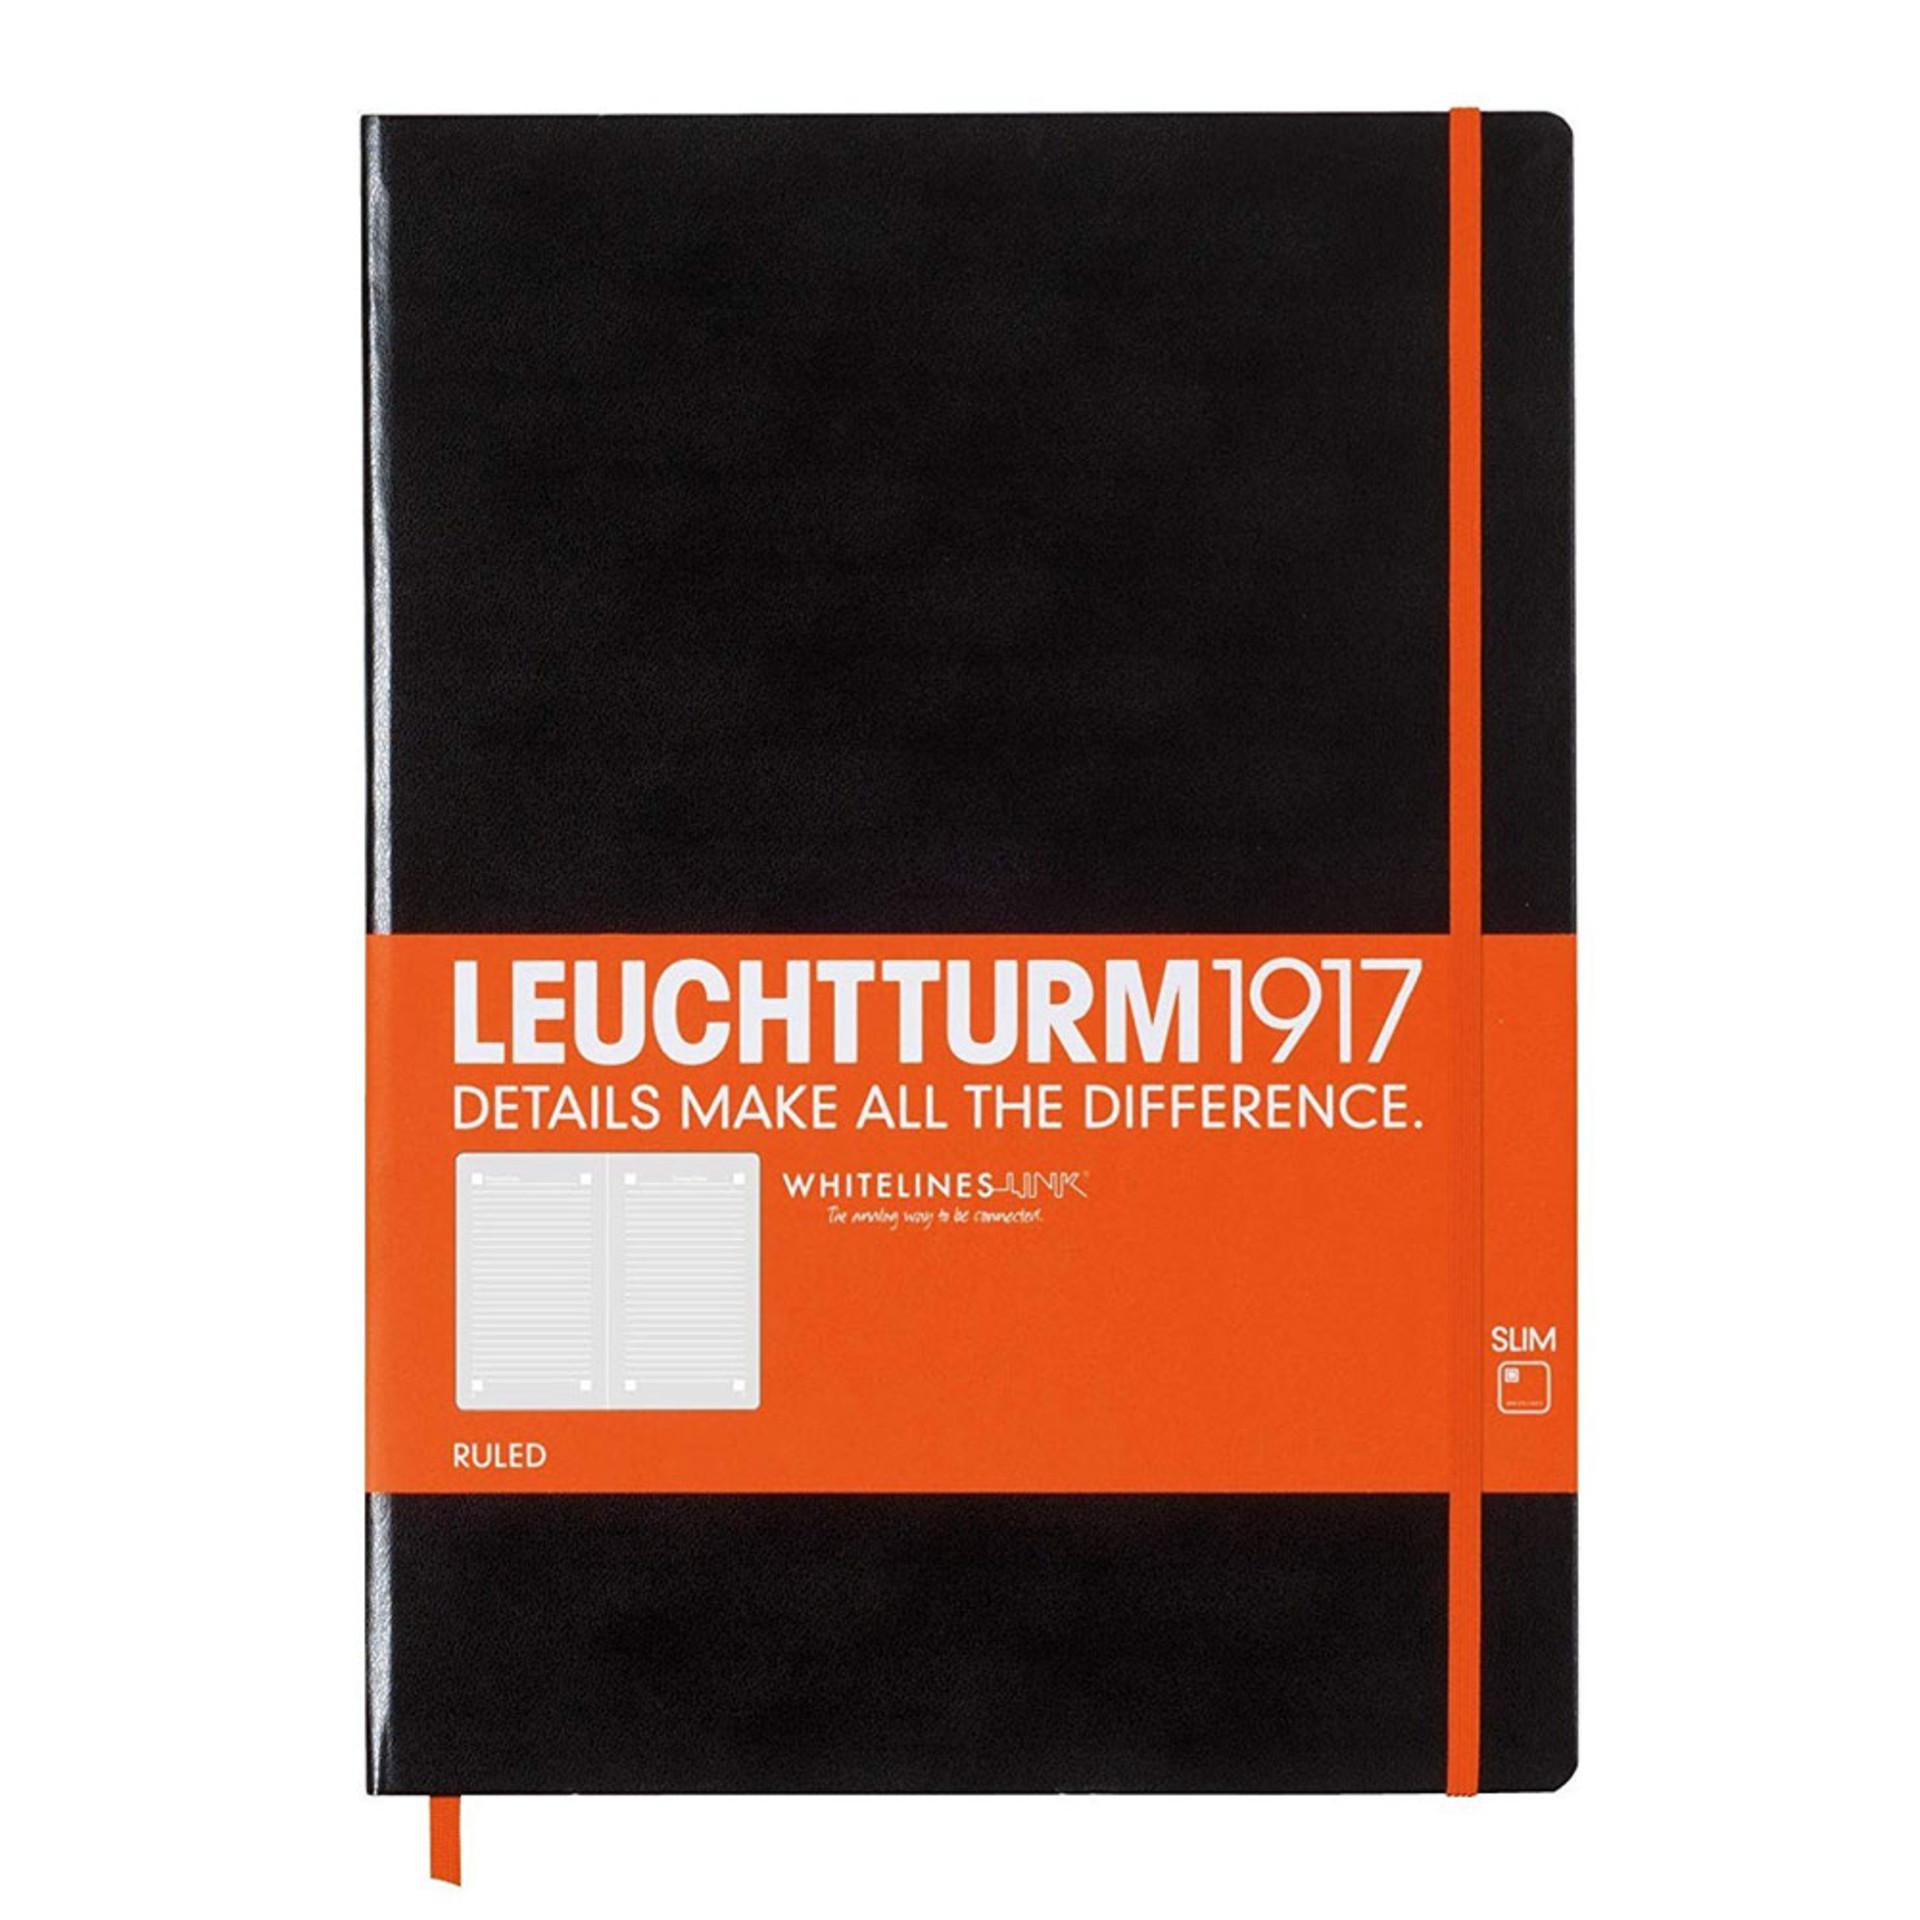 Leuchtturm 1917 Whitelines Link Master Slim Journal Ruled